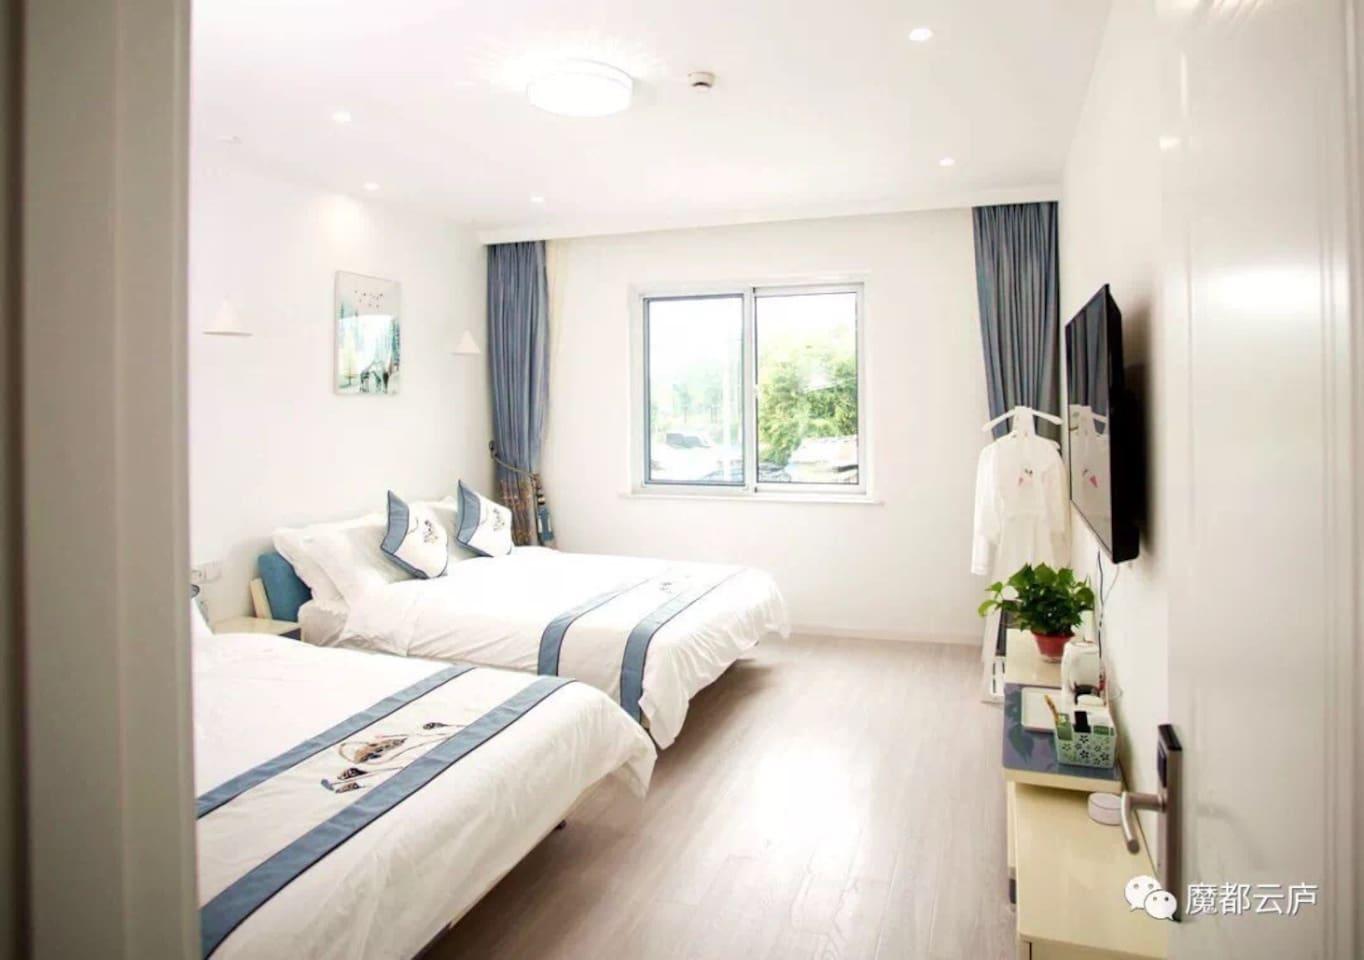 二楼莫兰迪双床房,每张床位一米五,配备慕思床垫。